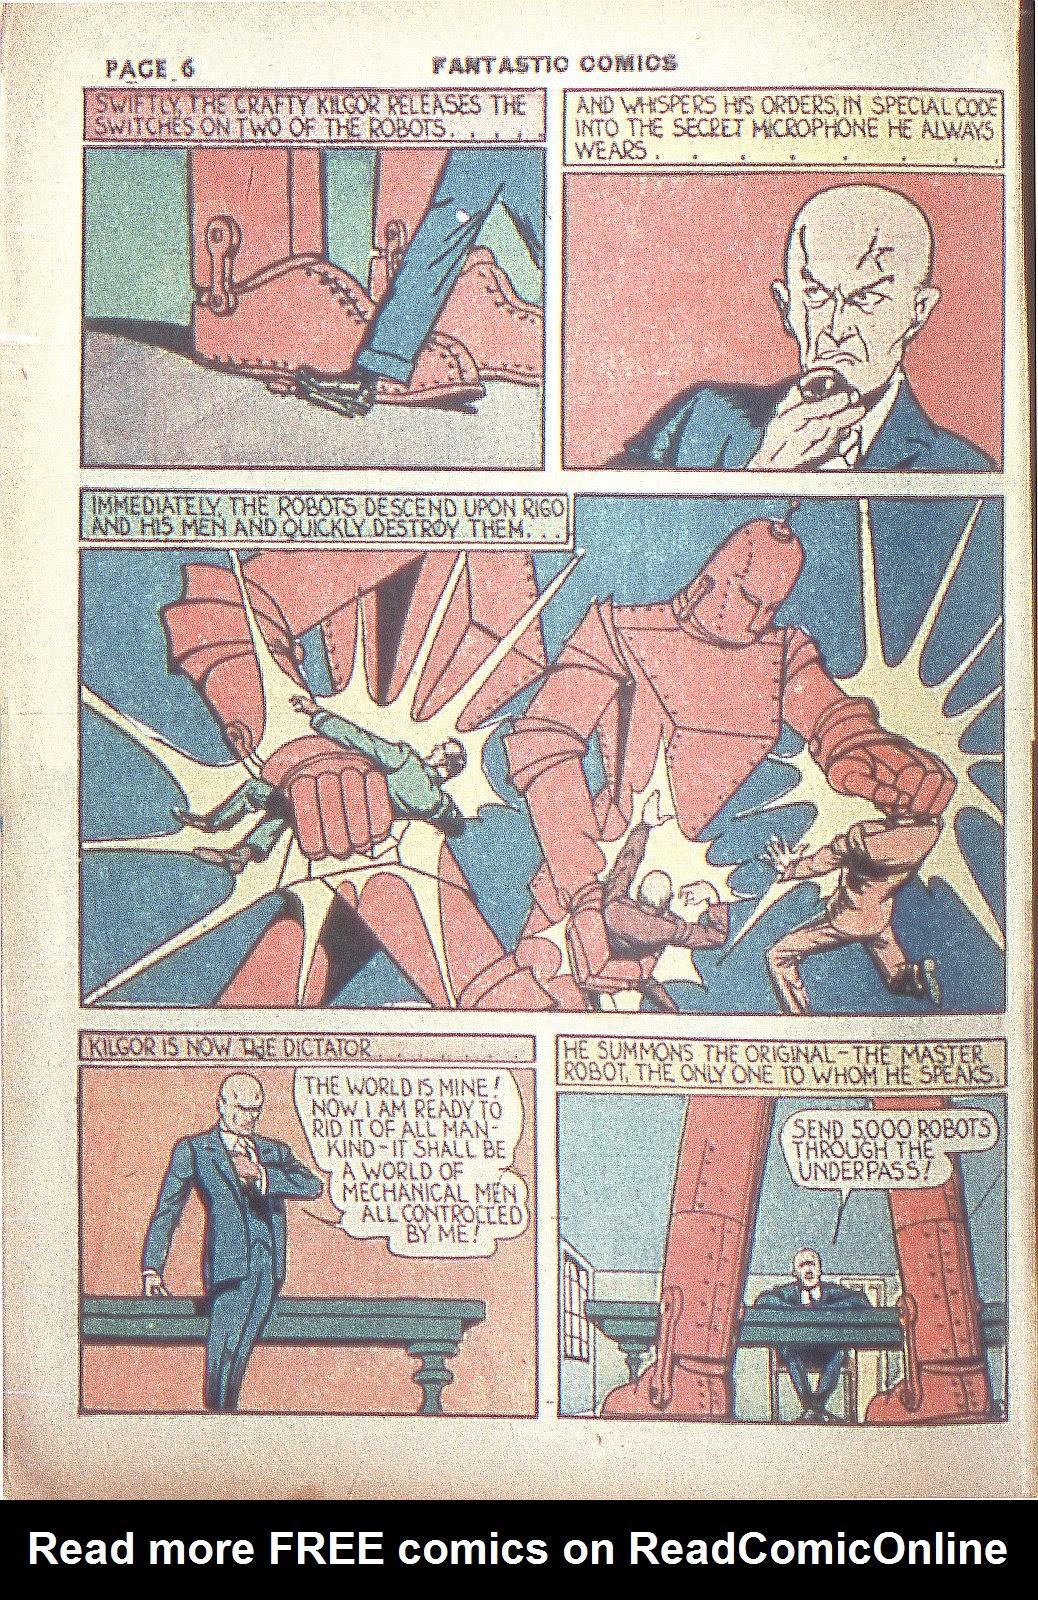 Read online Fantastic Comics comic -  Issue #4 - 8